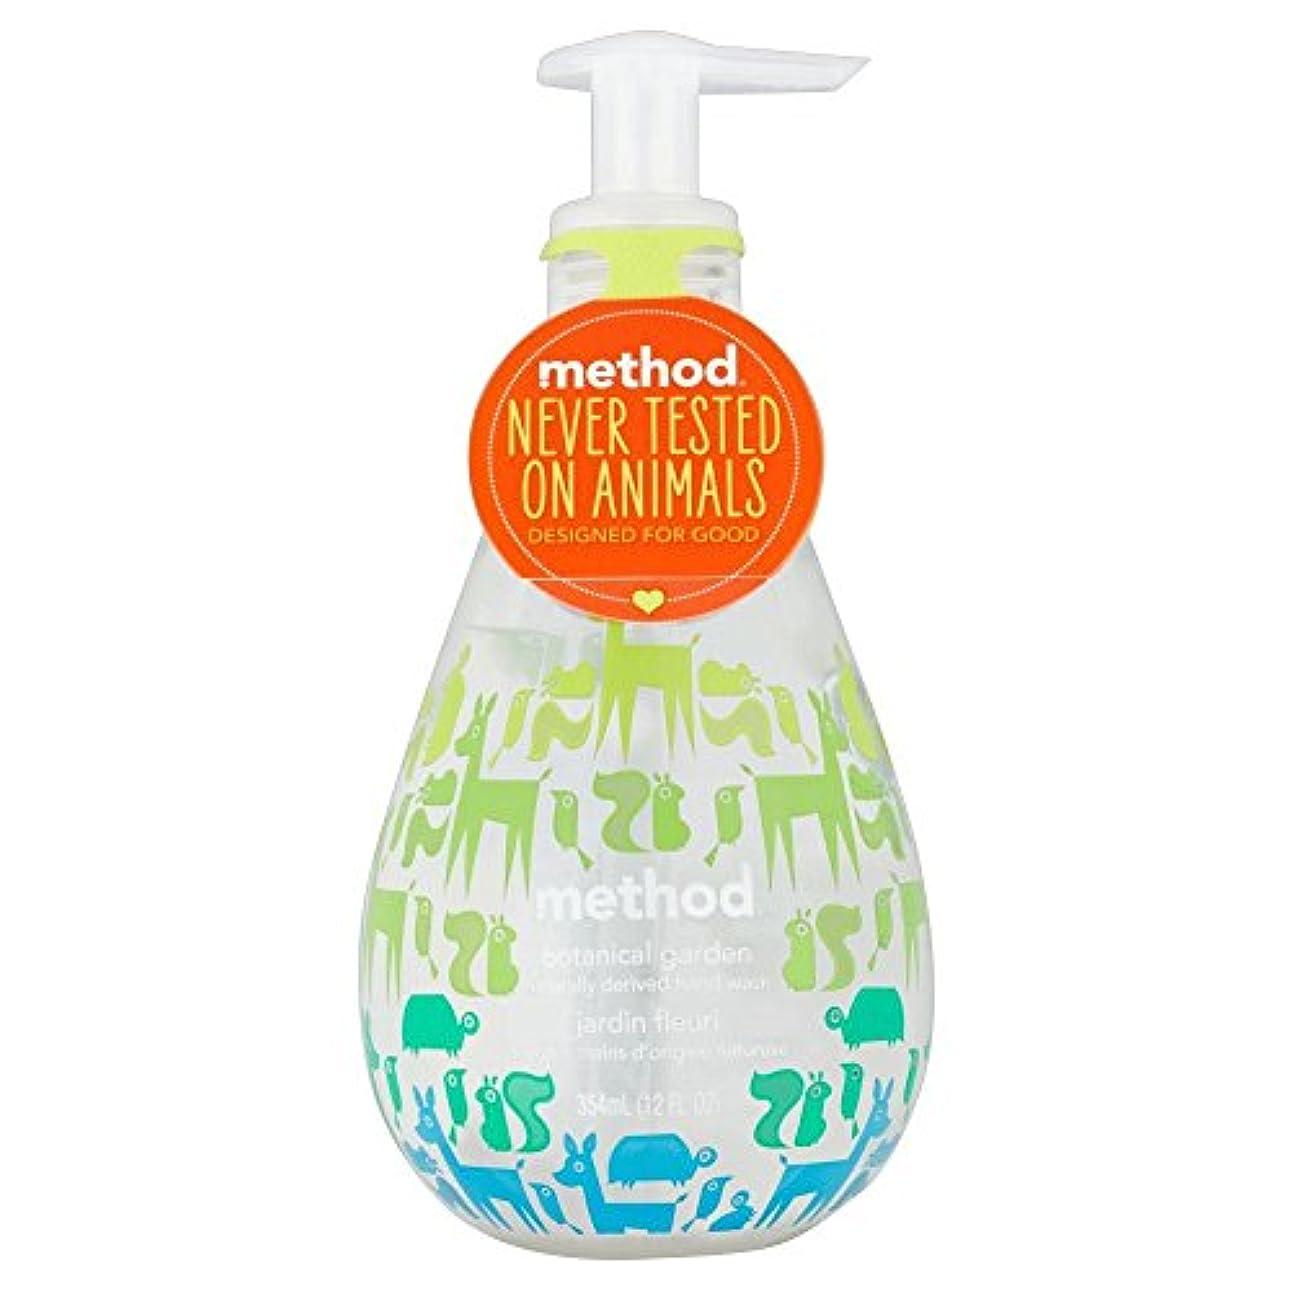 凝視湾ロードブロッキングMethod Hand Wash - Botanical Garden (354ml) メソッドハンドウォッシュ - 植物園( 354ミリリットル) [並行輸入品]